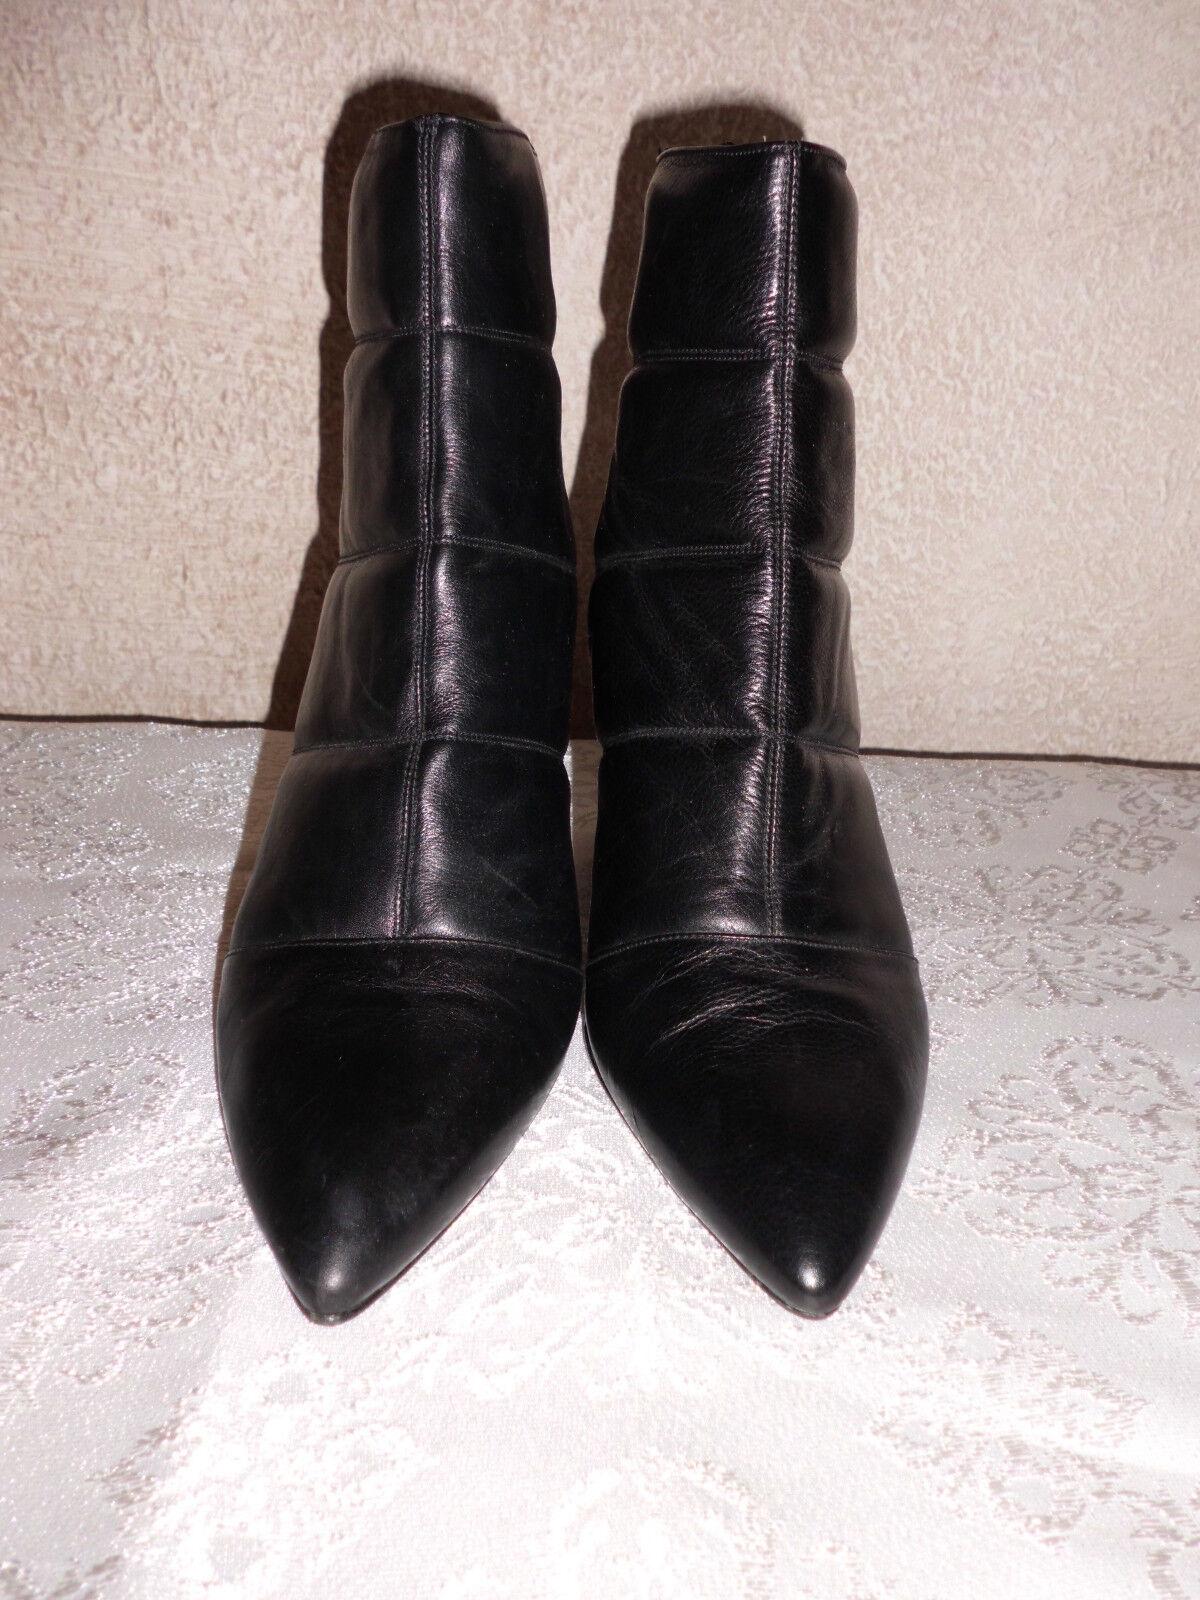 Damen Stiefeletten Echtleder made in Spain Gr.  40 schwarz   Madeleine